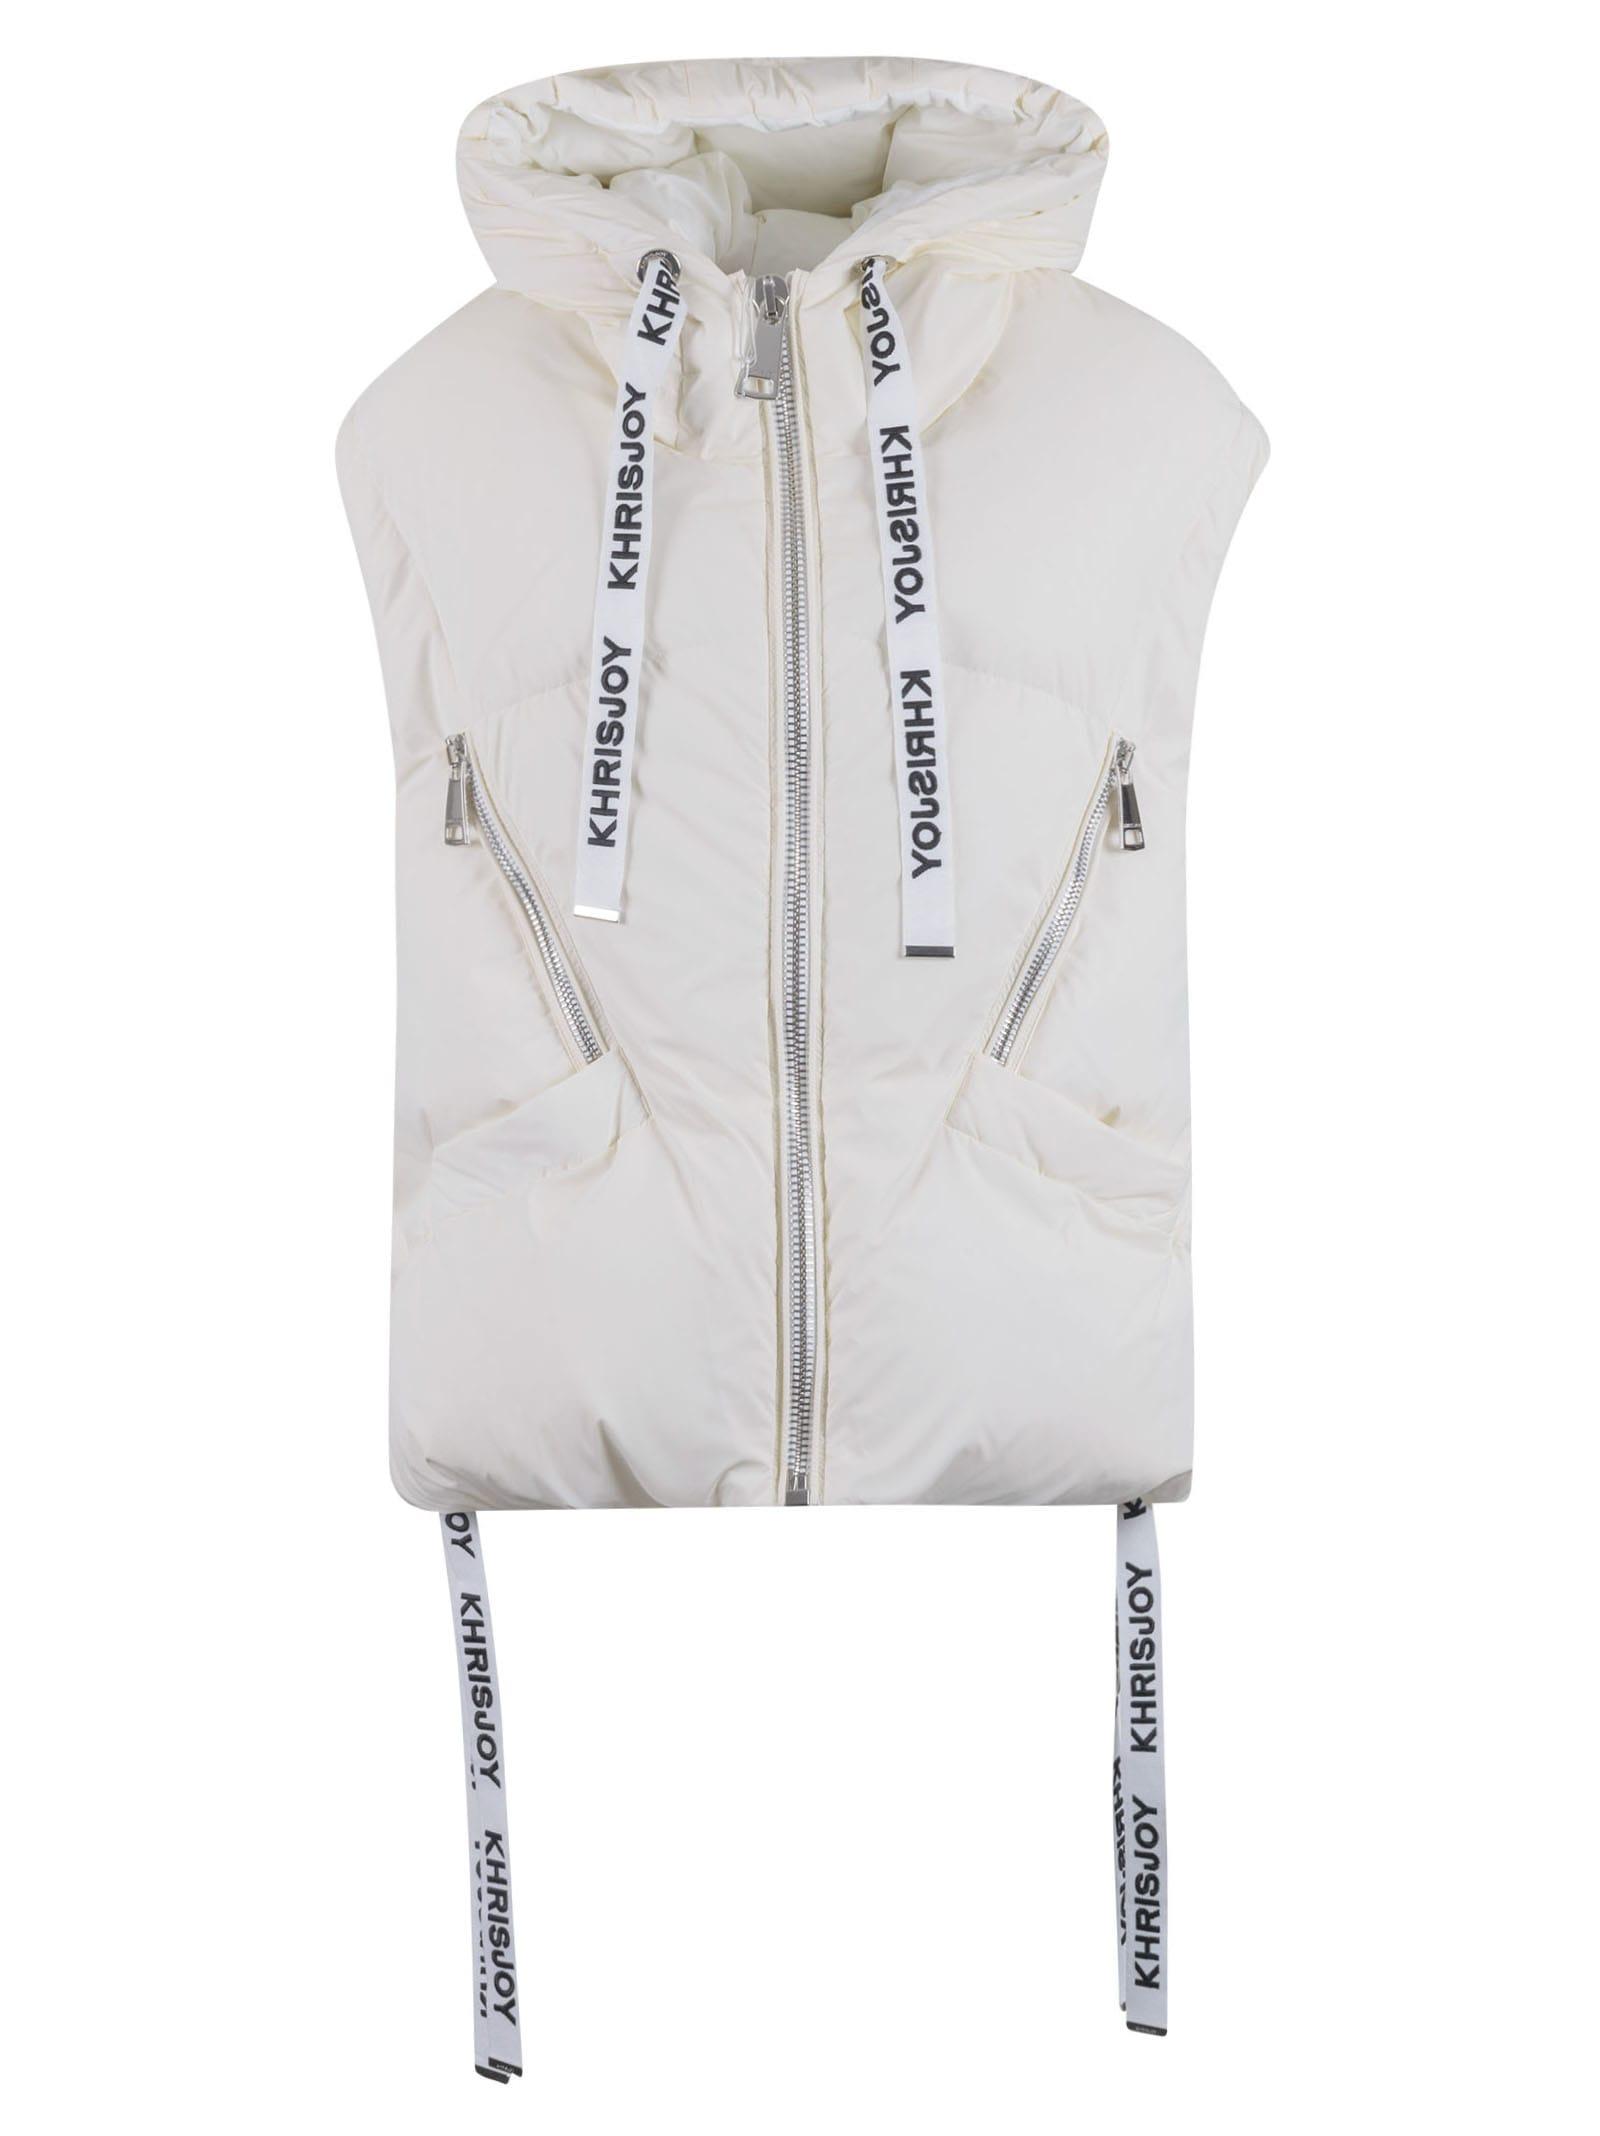 Khrisjoy Kh Hooded Vest